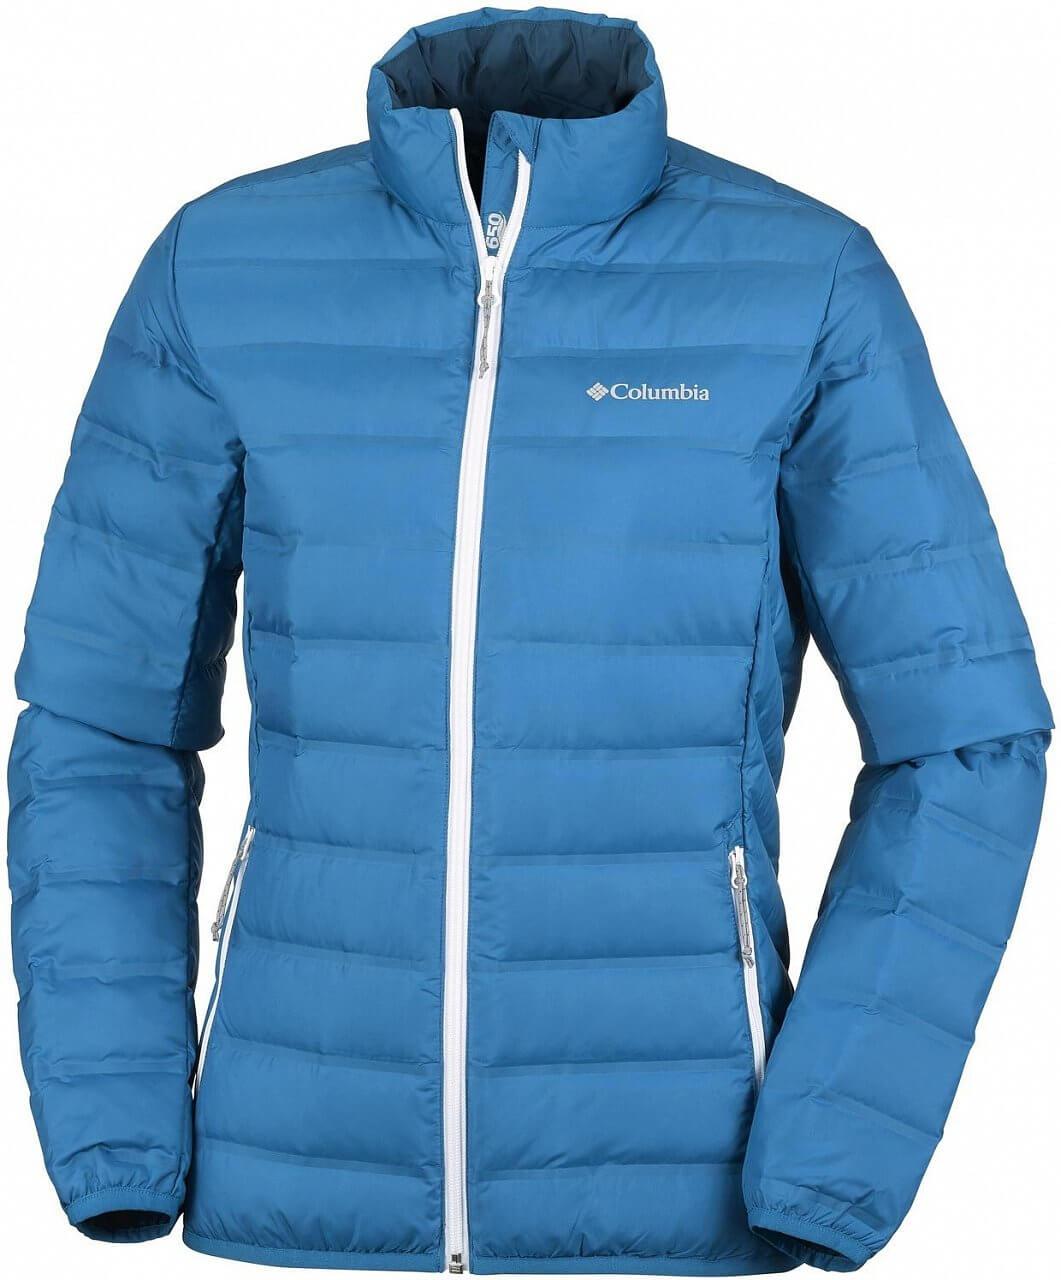 Dámská péřová bunda Columbia Lake 22 Jacket